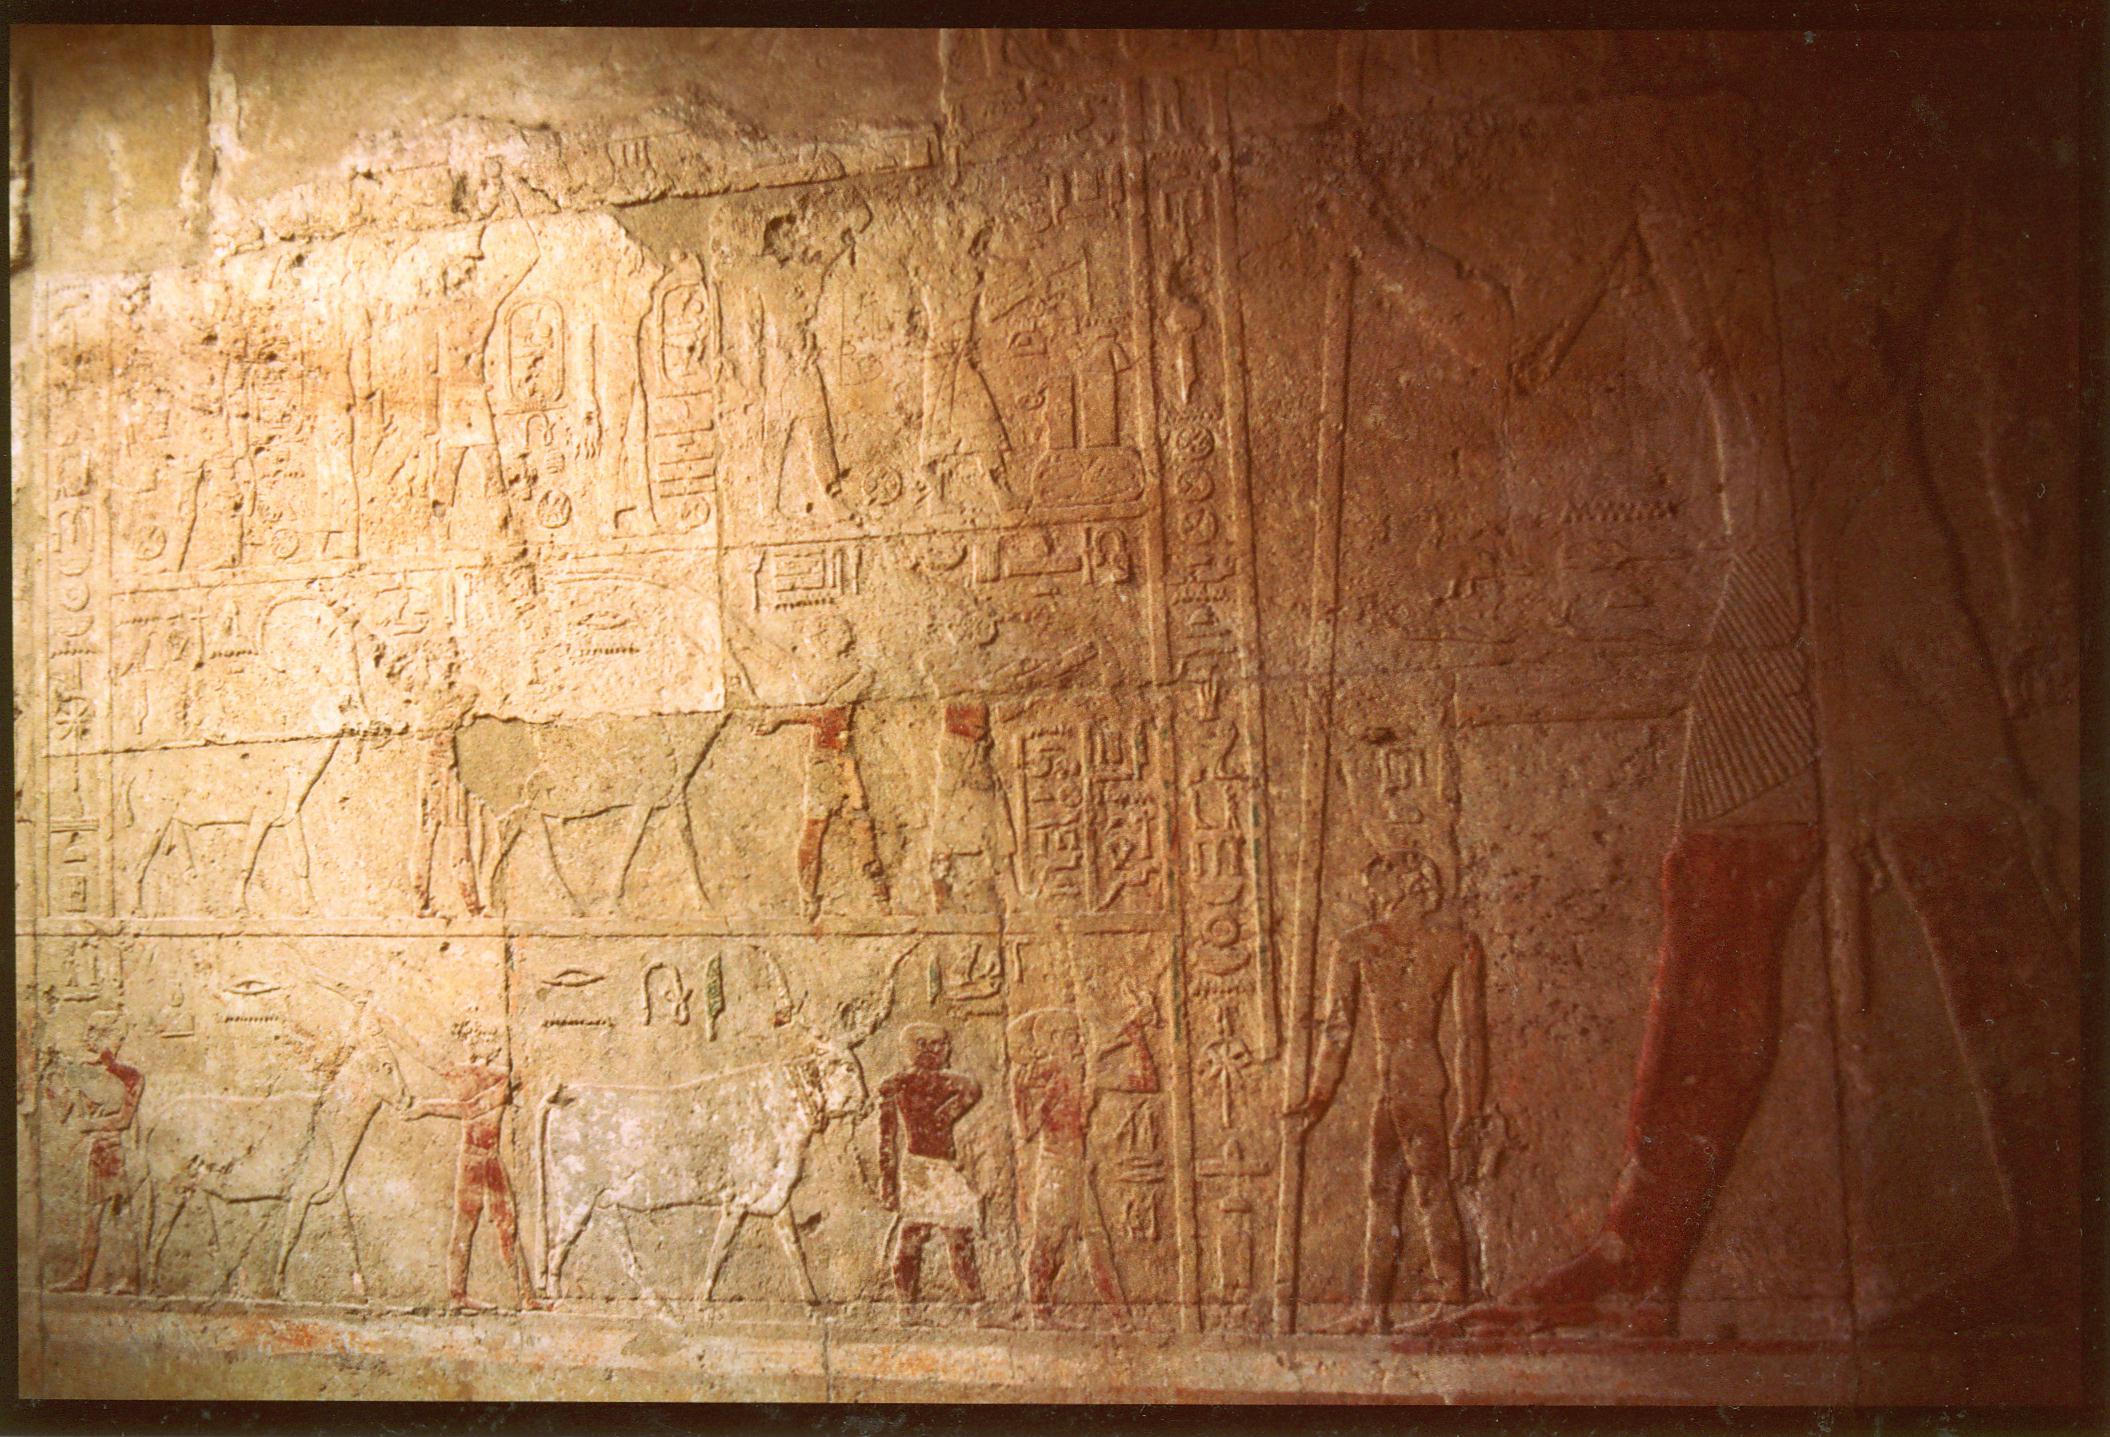 G5150 Seshethotep called Heti.